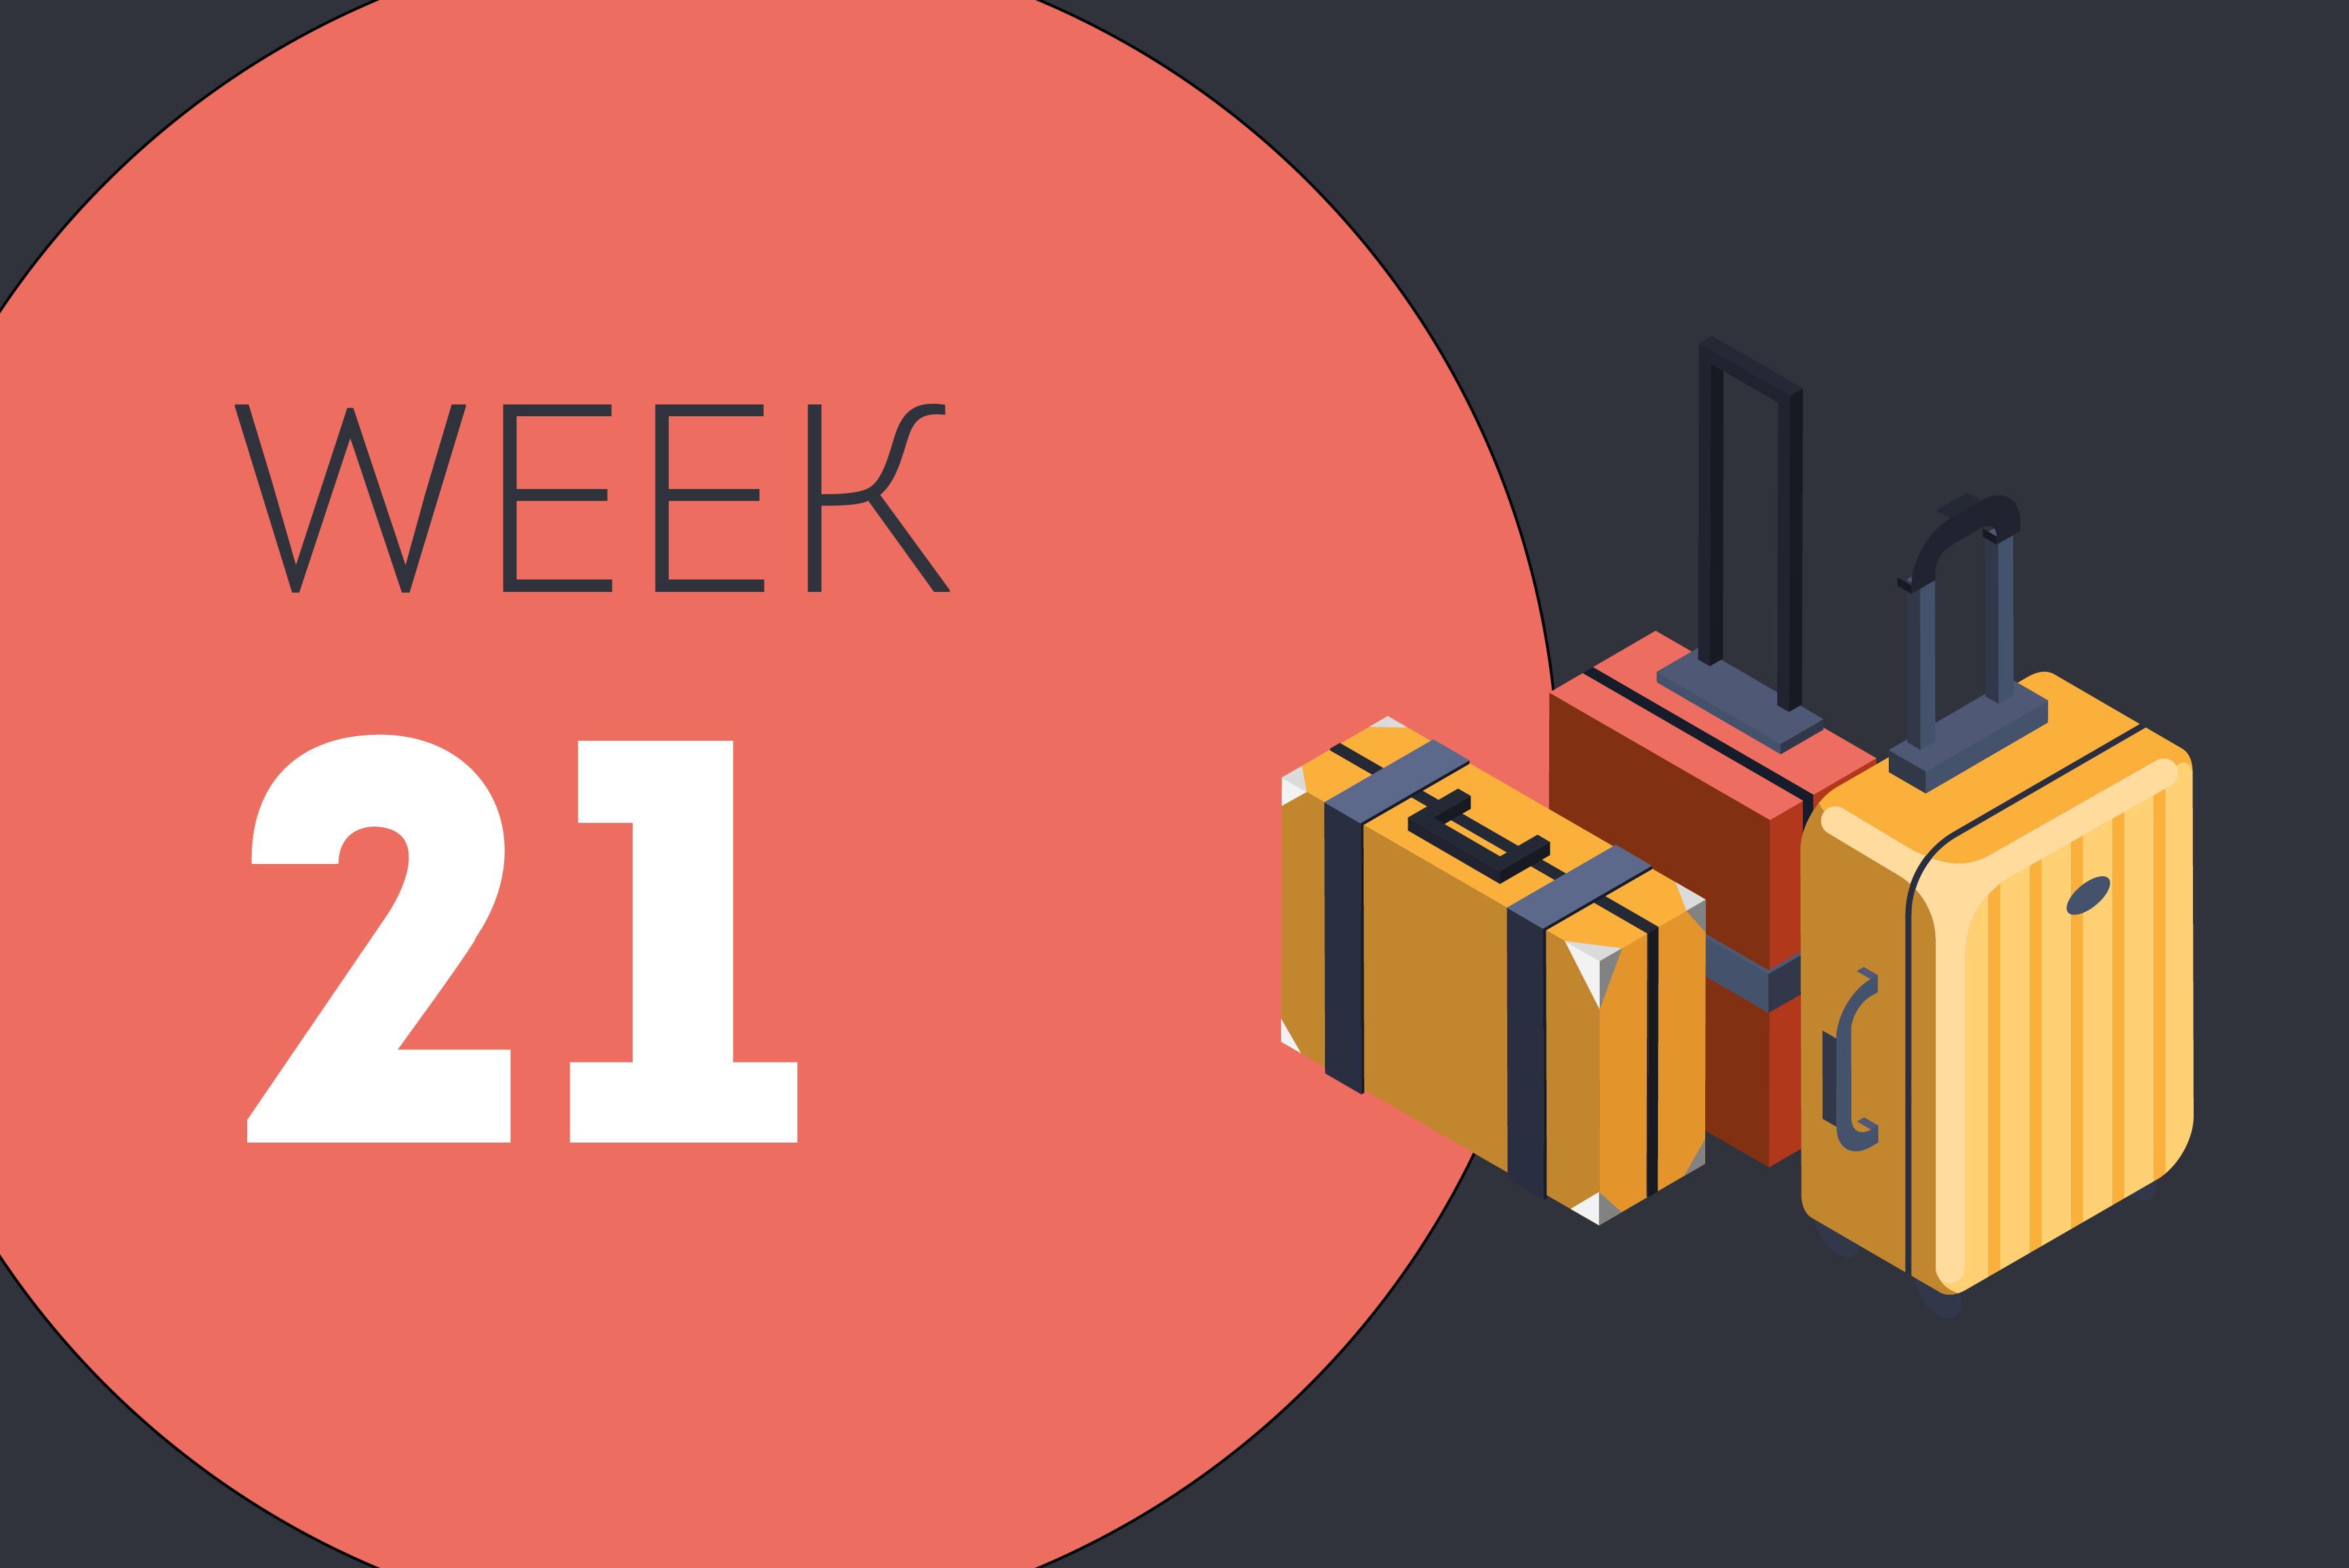 Week ending Friday 28 August 2020